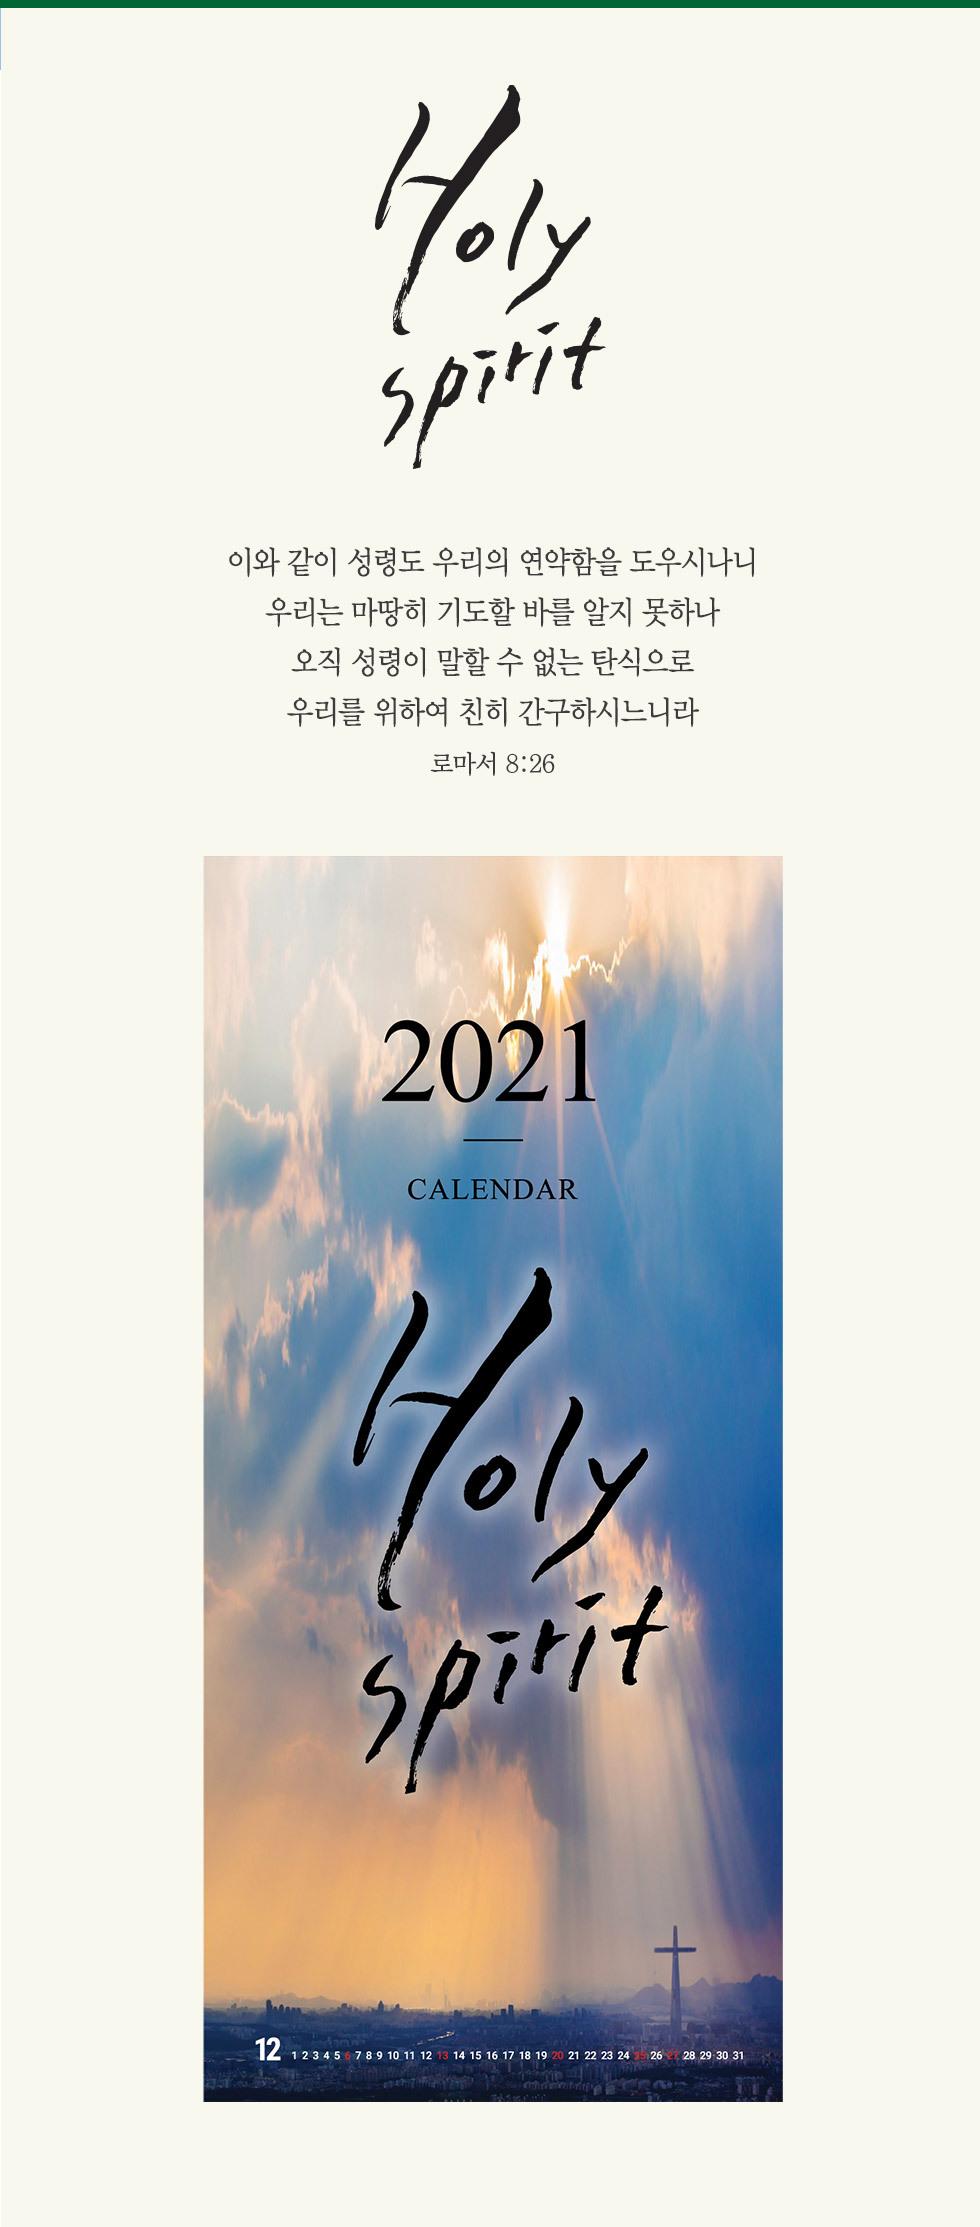 2021년 벽걸이달력 성령 Holy Spirit -  성령 Holy Spirit, 이와 같이 성령도 우리의 연약함을 도우시나니 우리는 마땅히 기도할 바를 알지 못하나 오직 성령이 말할 수 없는 탄식으로 우리를 위하여 친히 간구하시느니라 로마서 8:26.